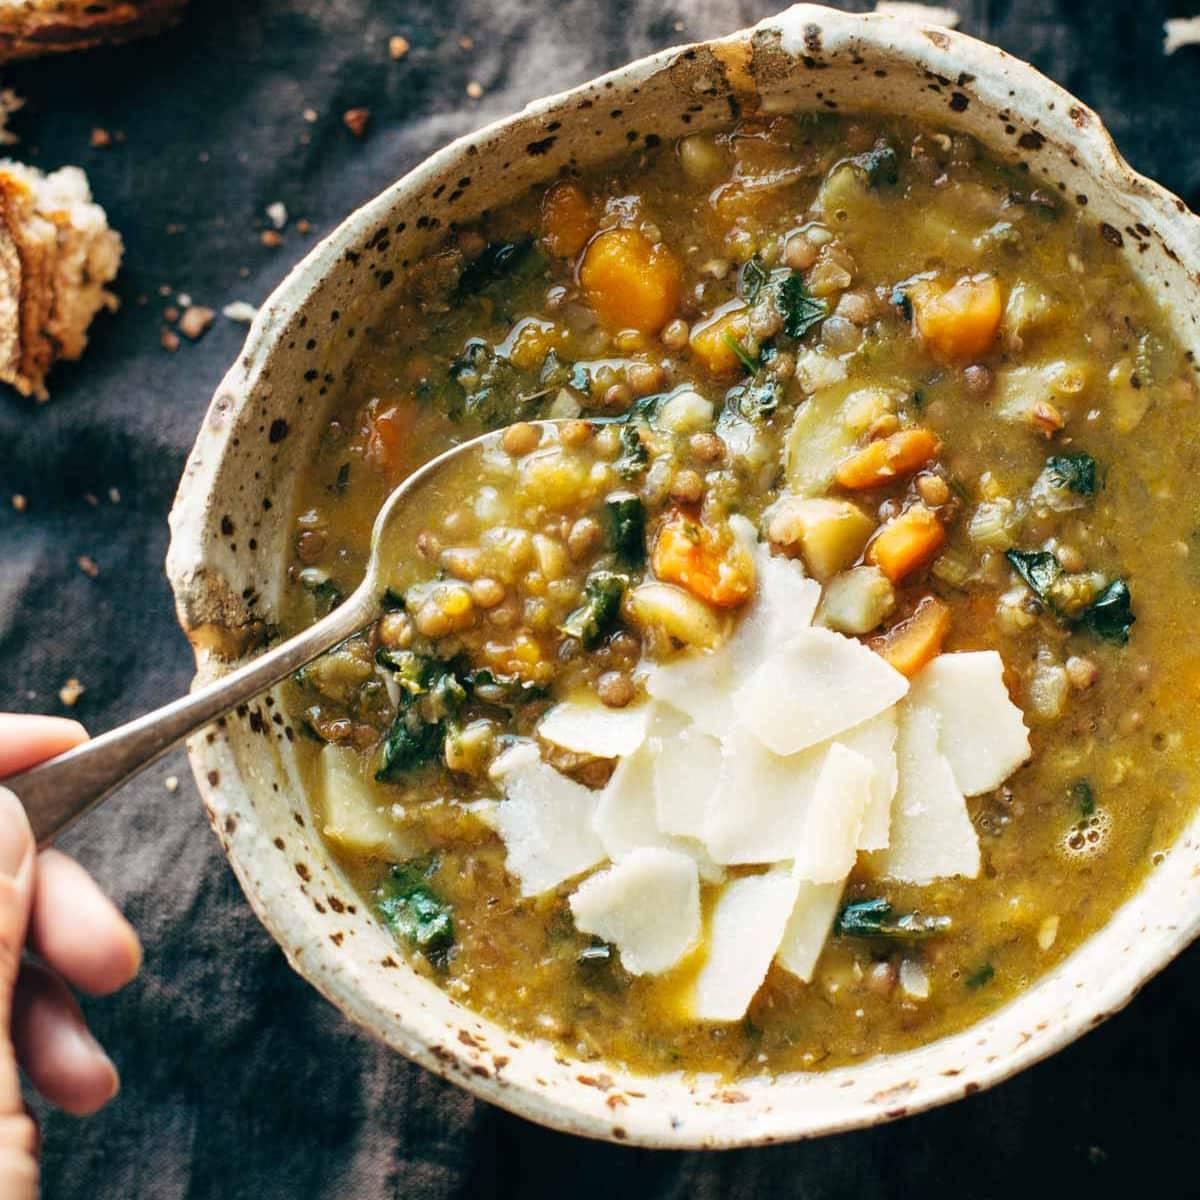 The Best Detox Crockpot Lentil Soup Recipe